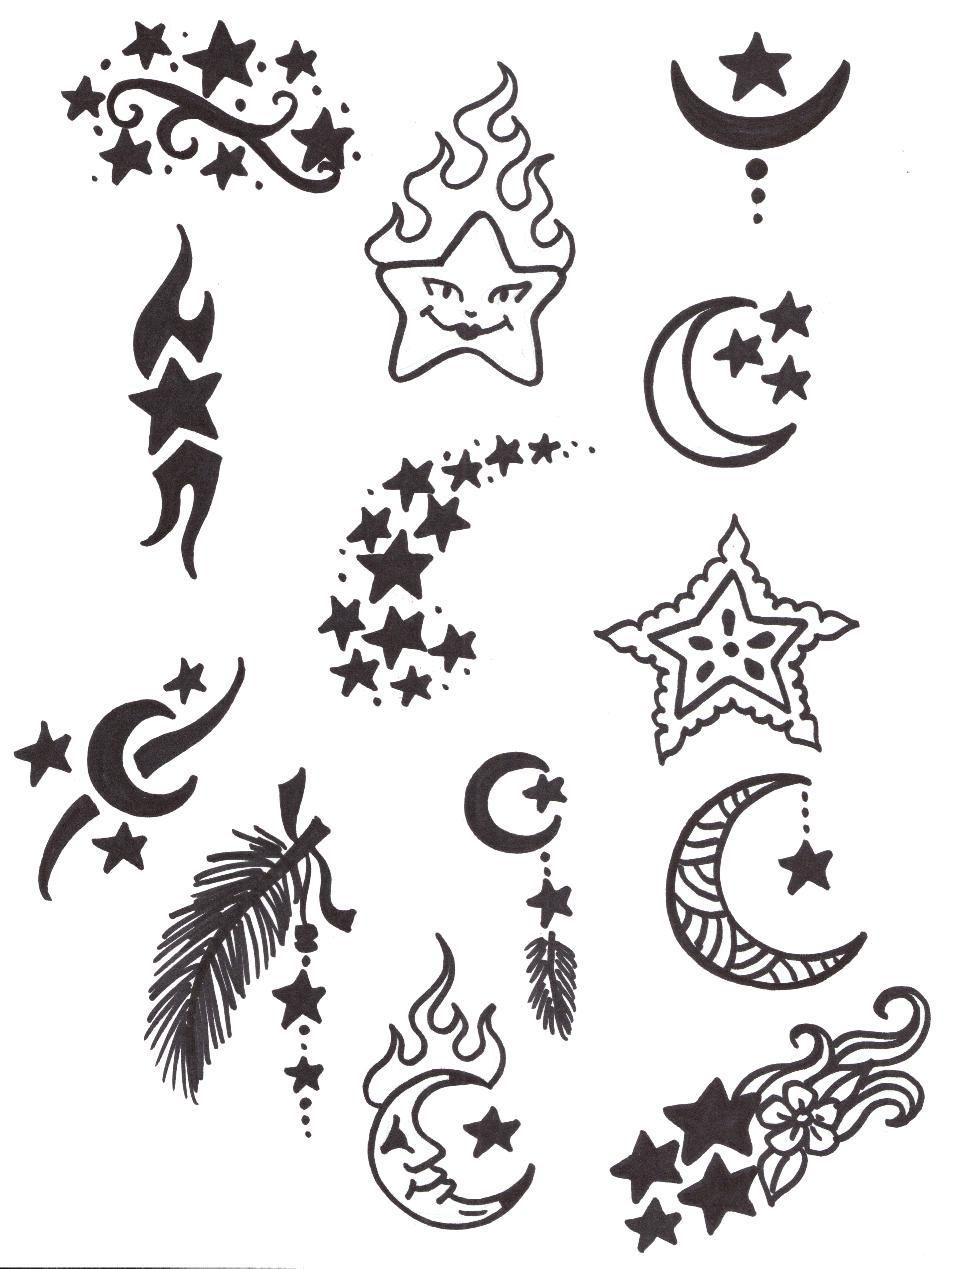 Cat Moon Tattoo Google Search Disenos Henna Para Principiantes Disenos De Henna Sencillos Tatuajes De Henna Sencillos